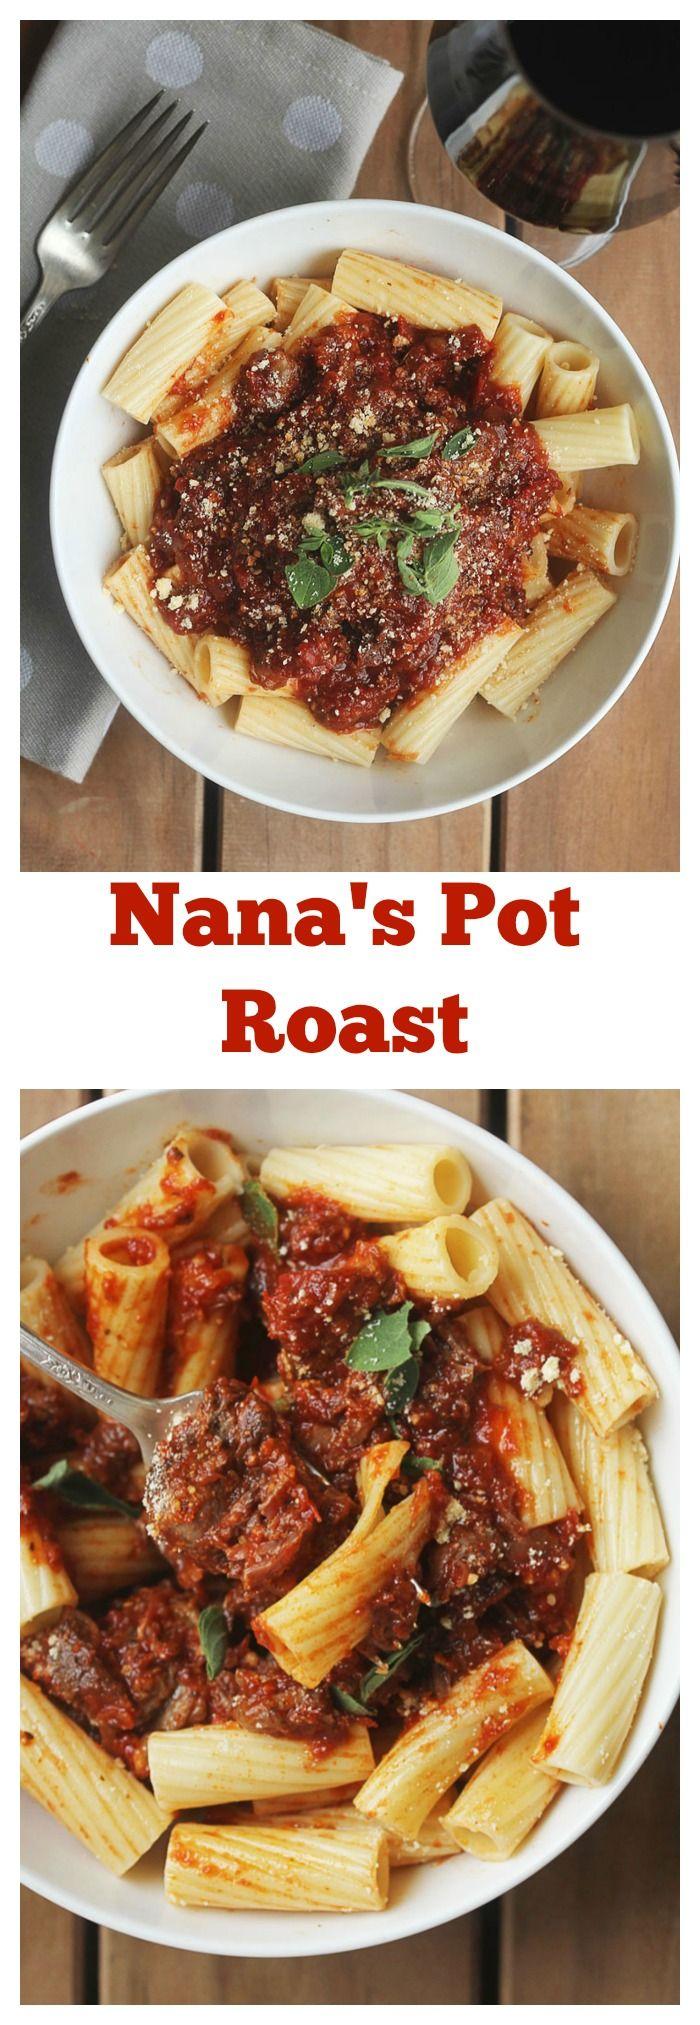 Nana's Pot Roast | Grandbaby Cakes